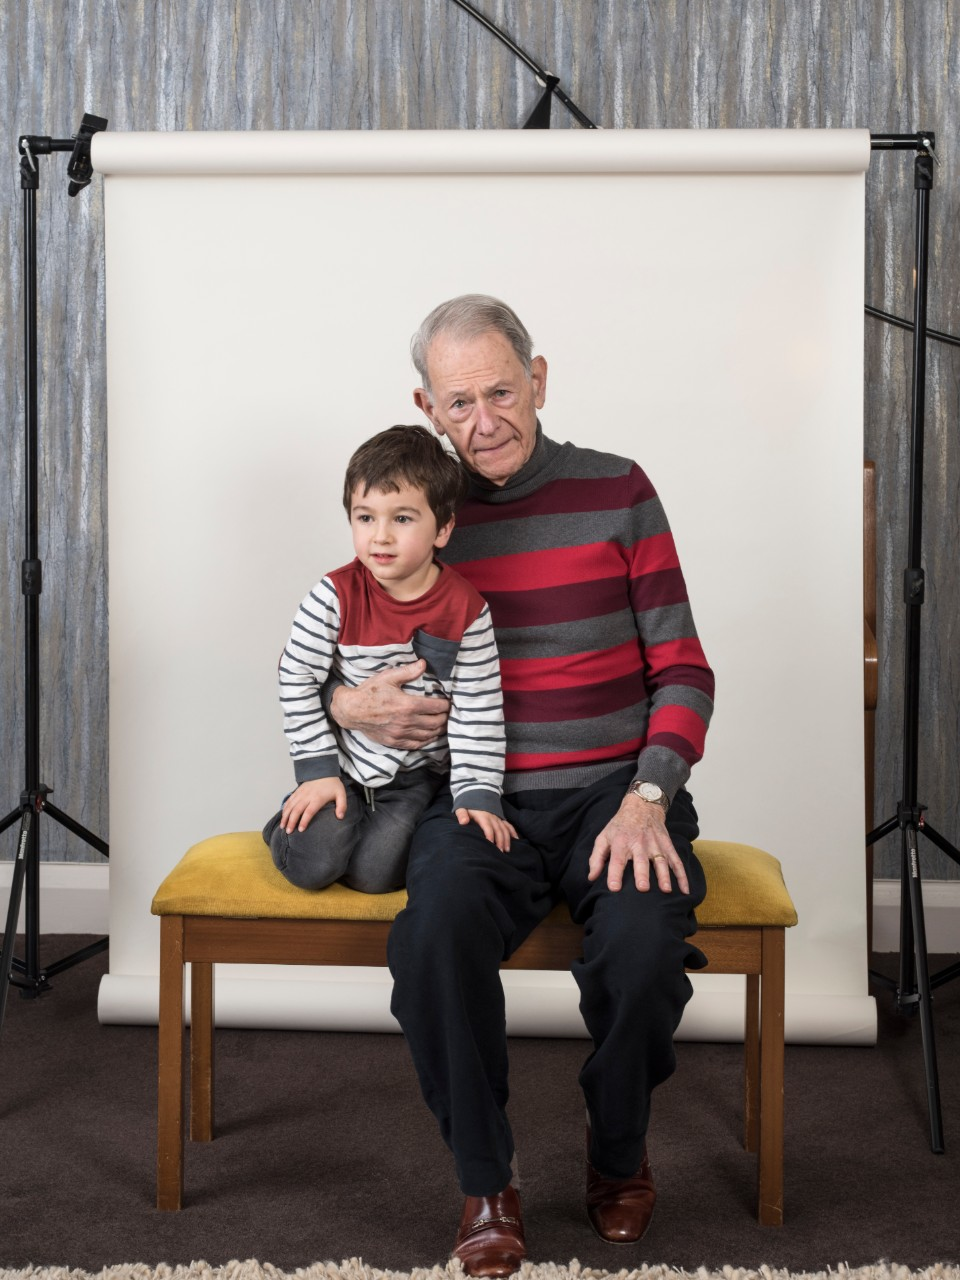 John Hajdu with his grandson, Zac, © Jillian Edelstein HonFRPS